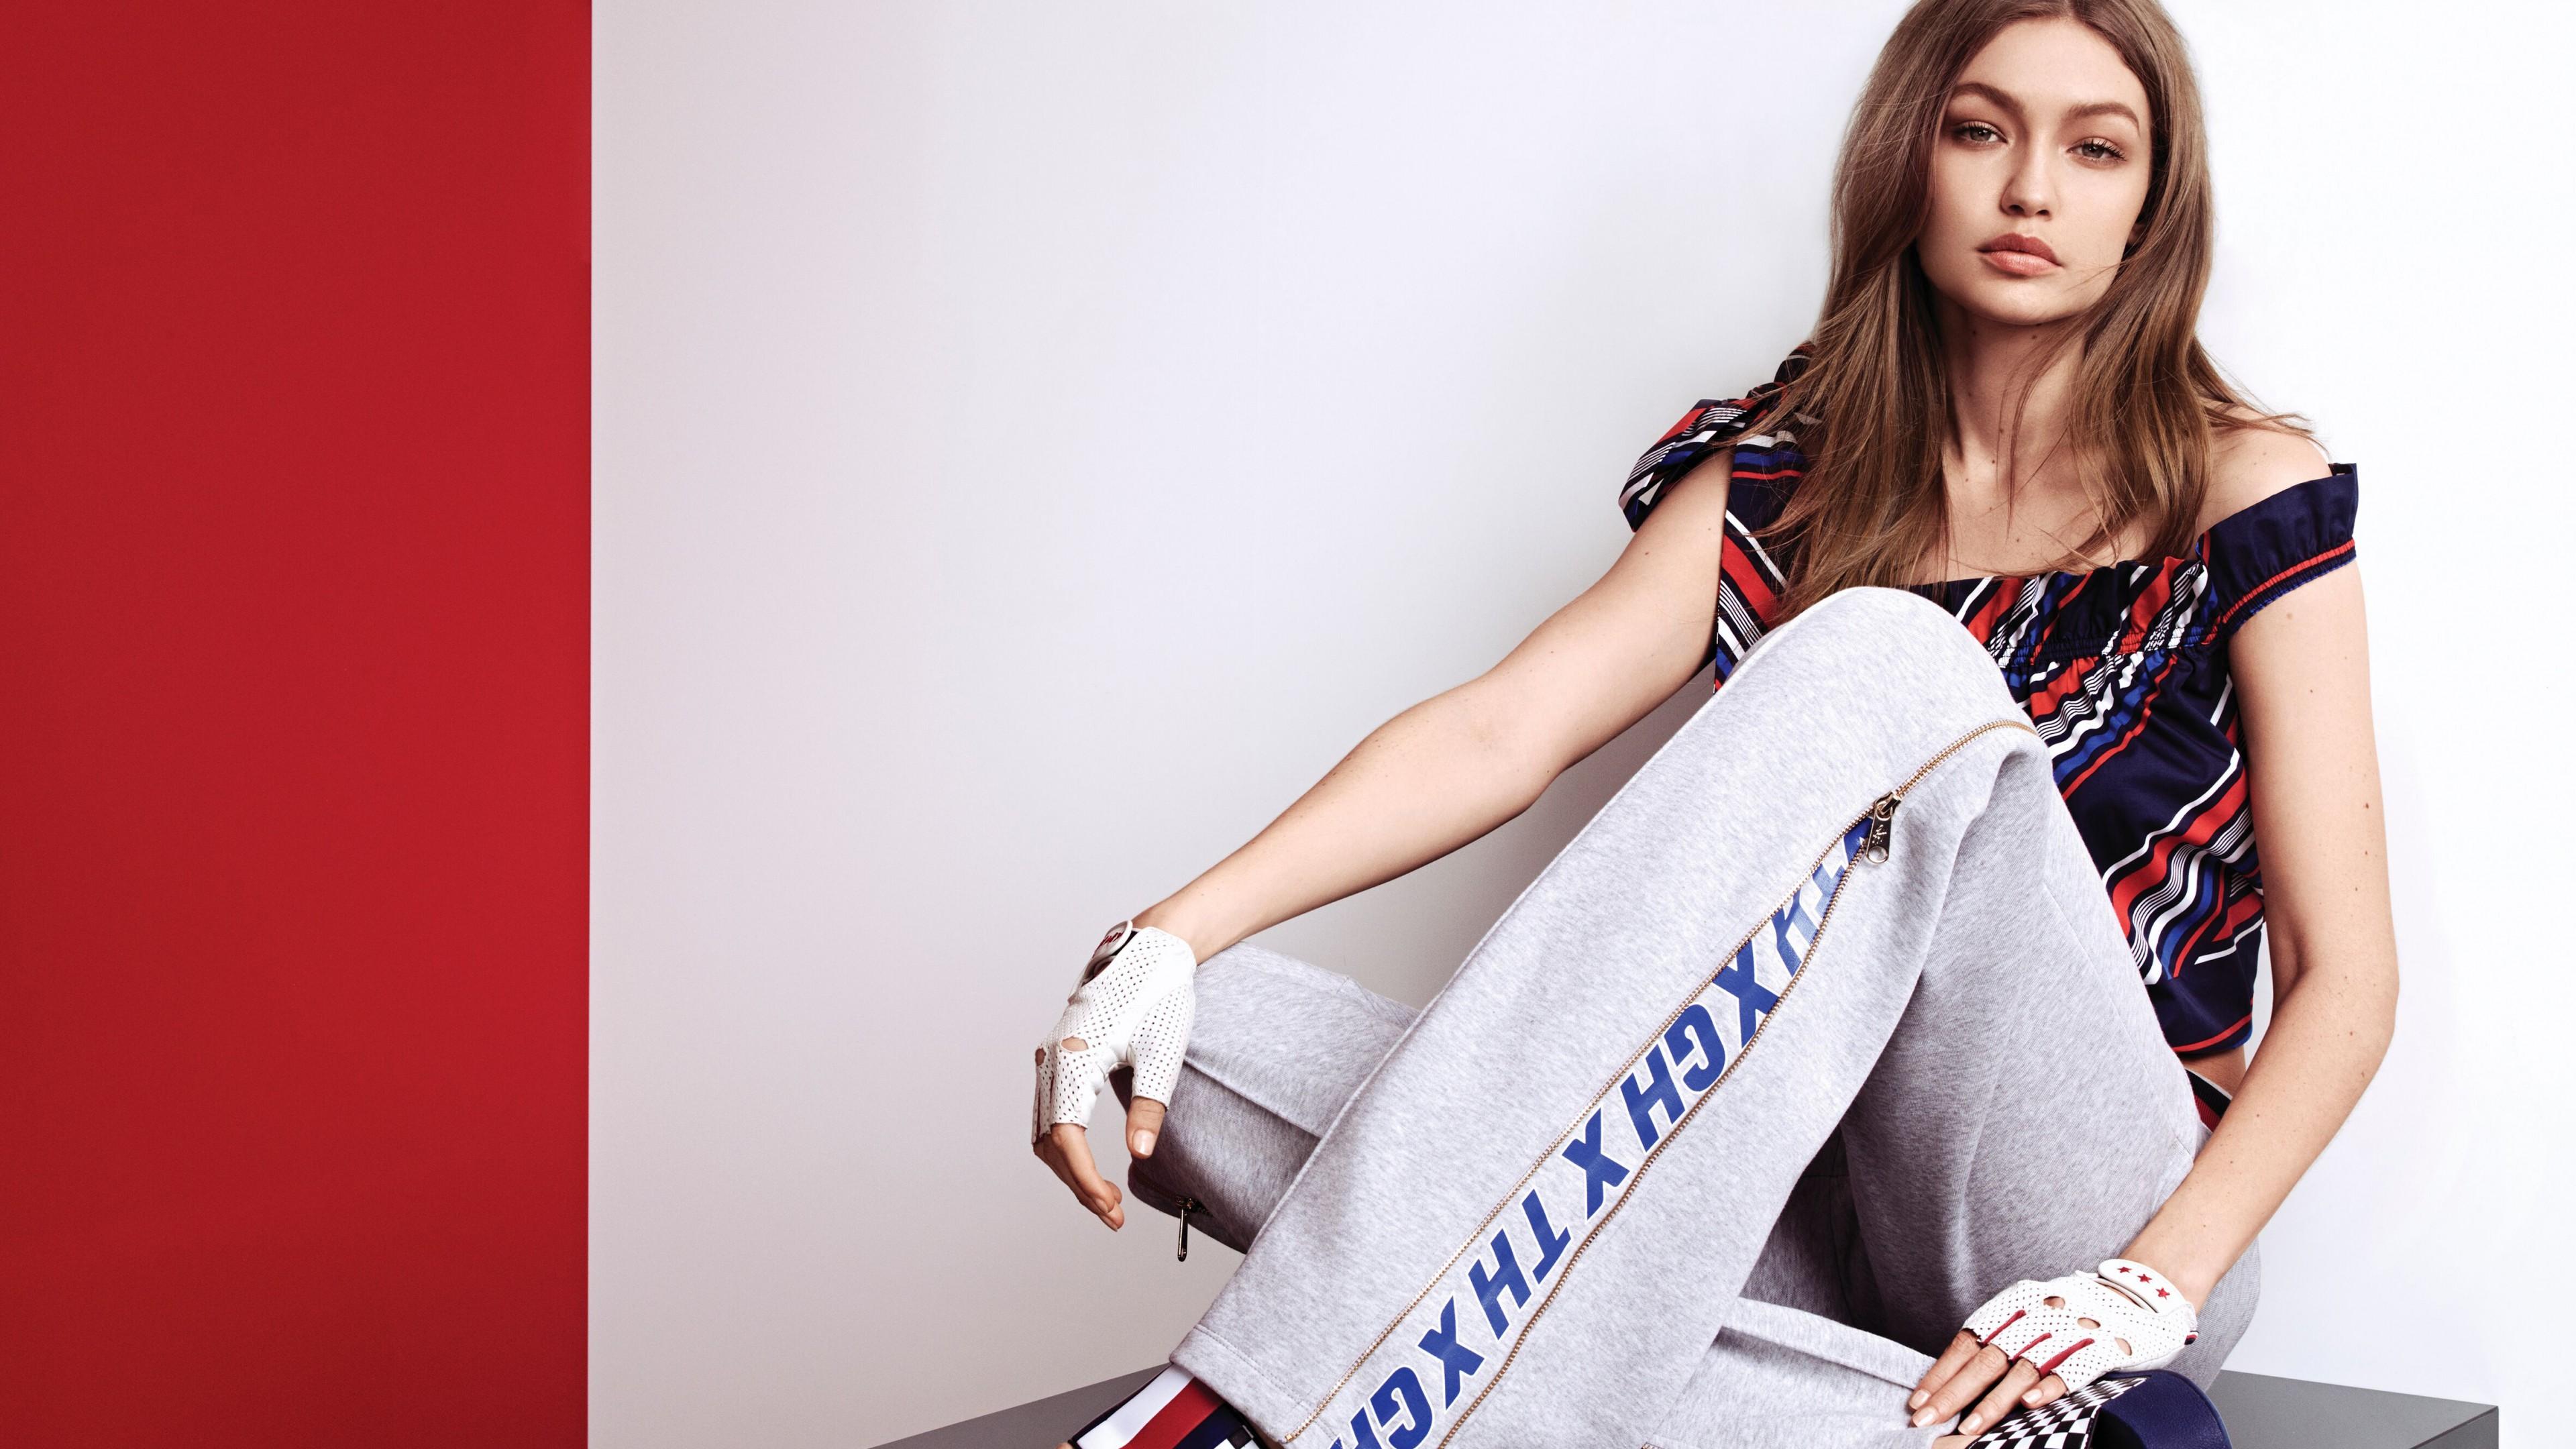 Рекламная фотосессия брендовой американской одежды